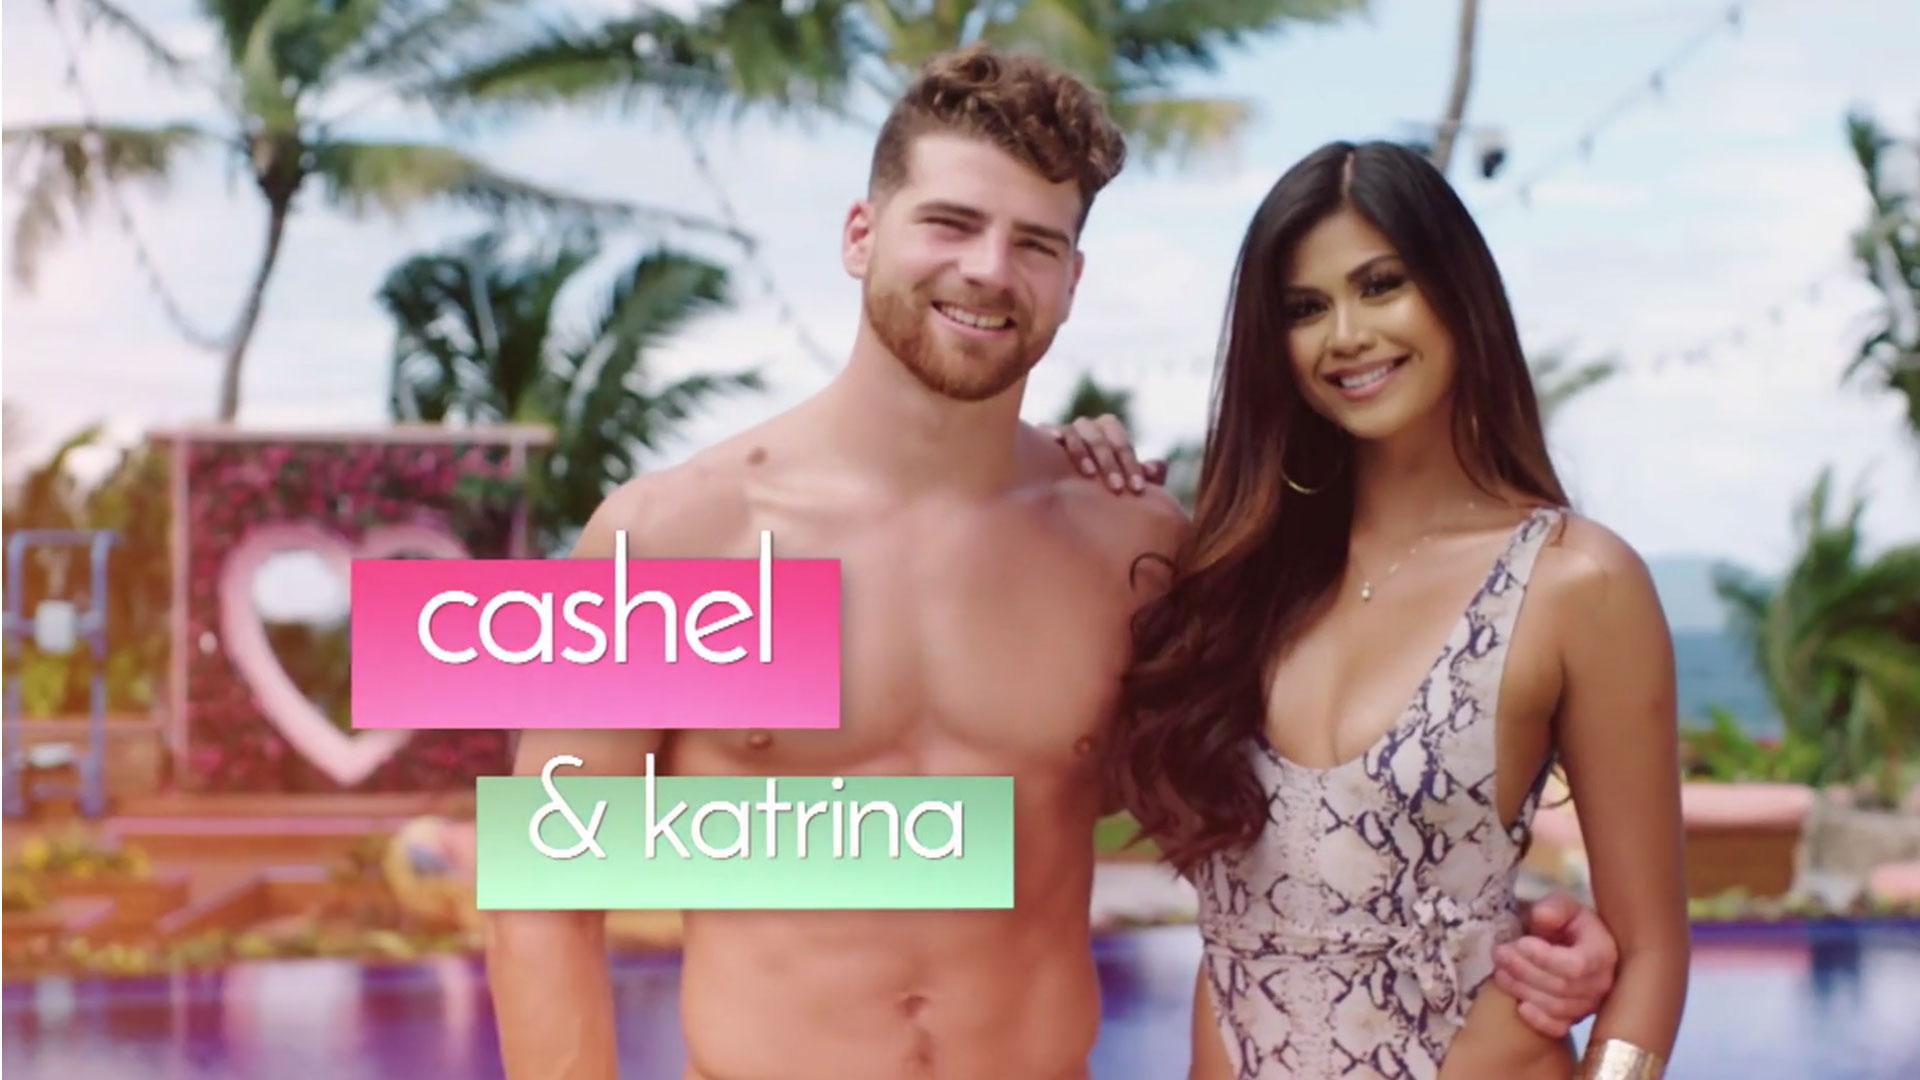 Cashel and Katrina